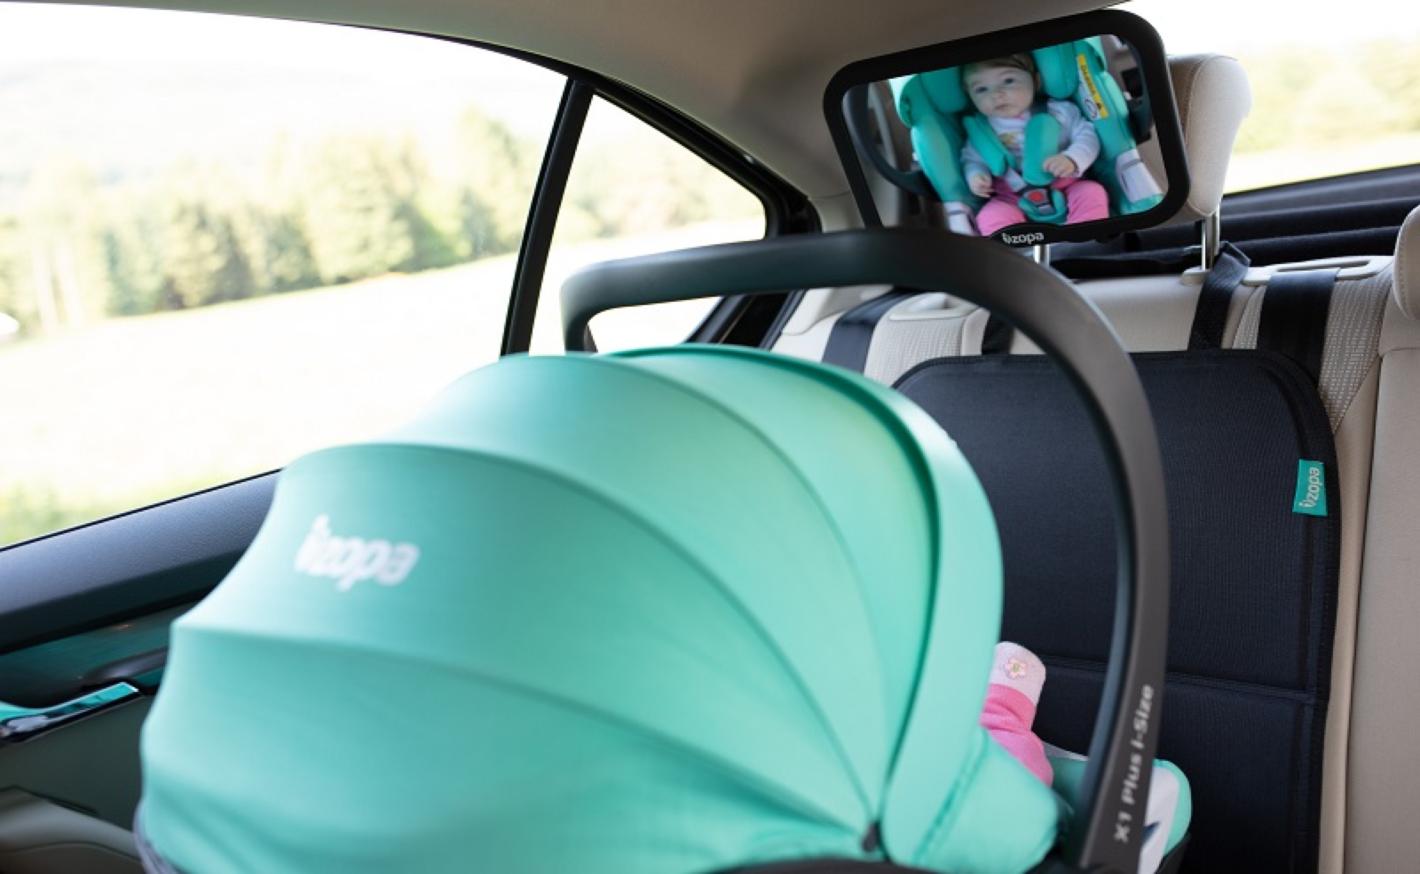 S dítětem v autě: Vychytávky, které zpříjemní cestu dětem i vám